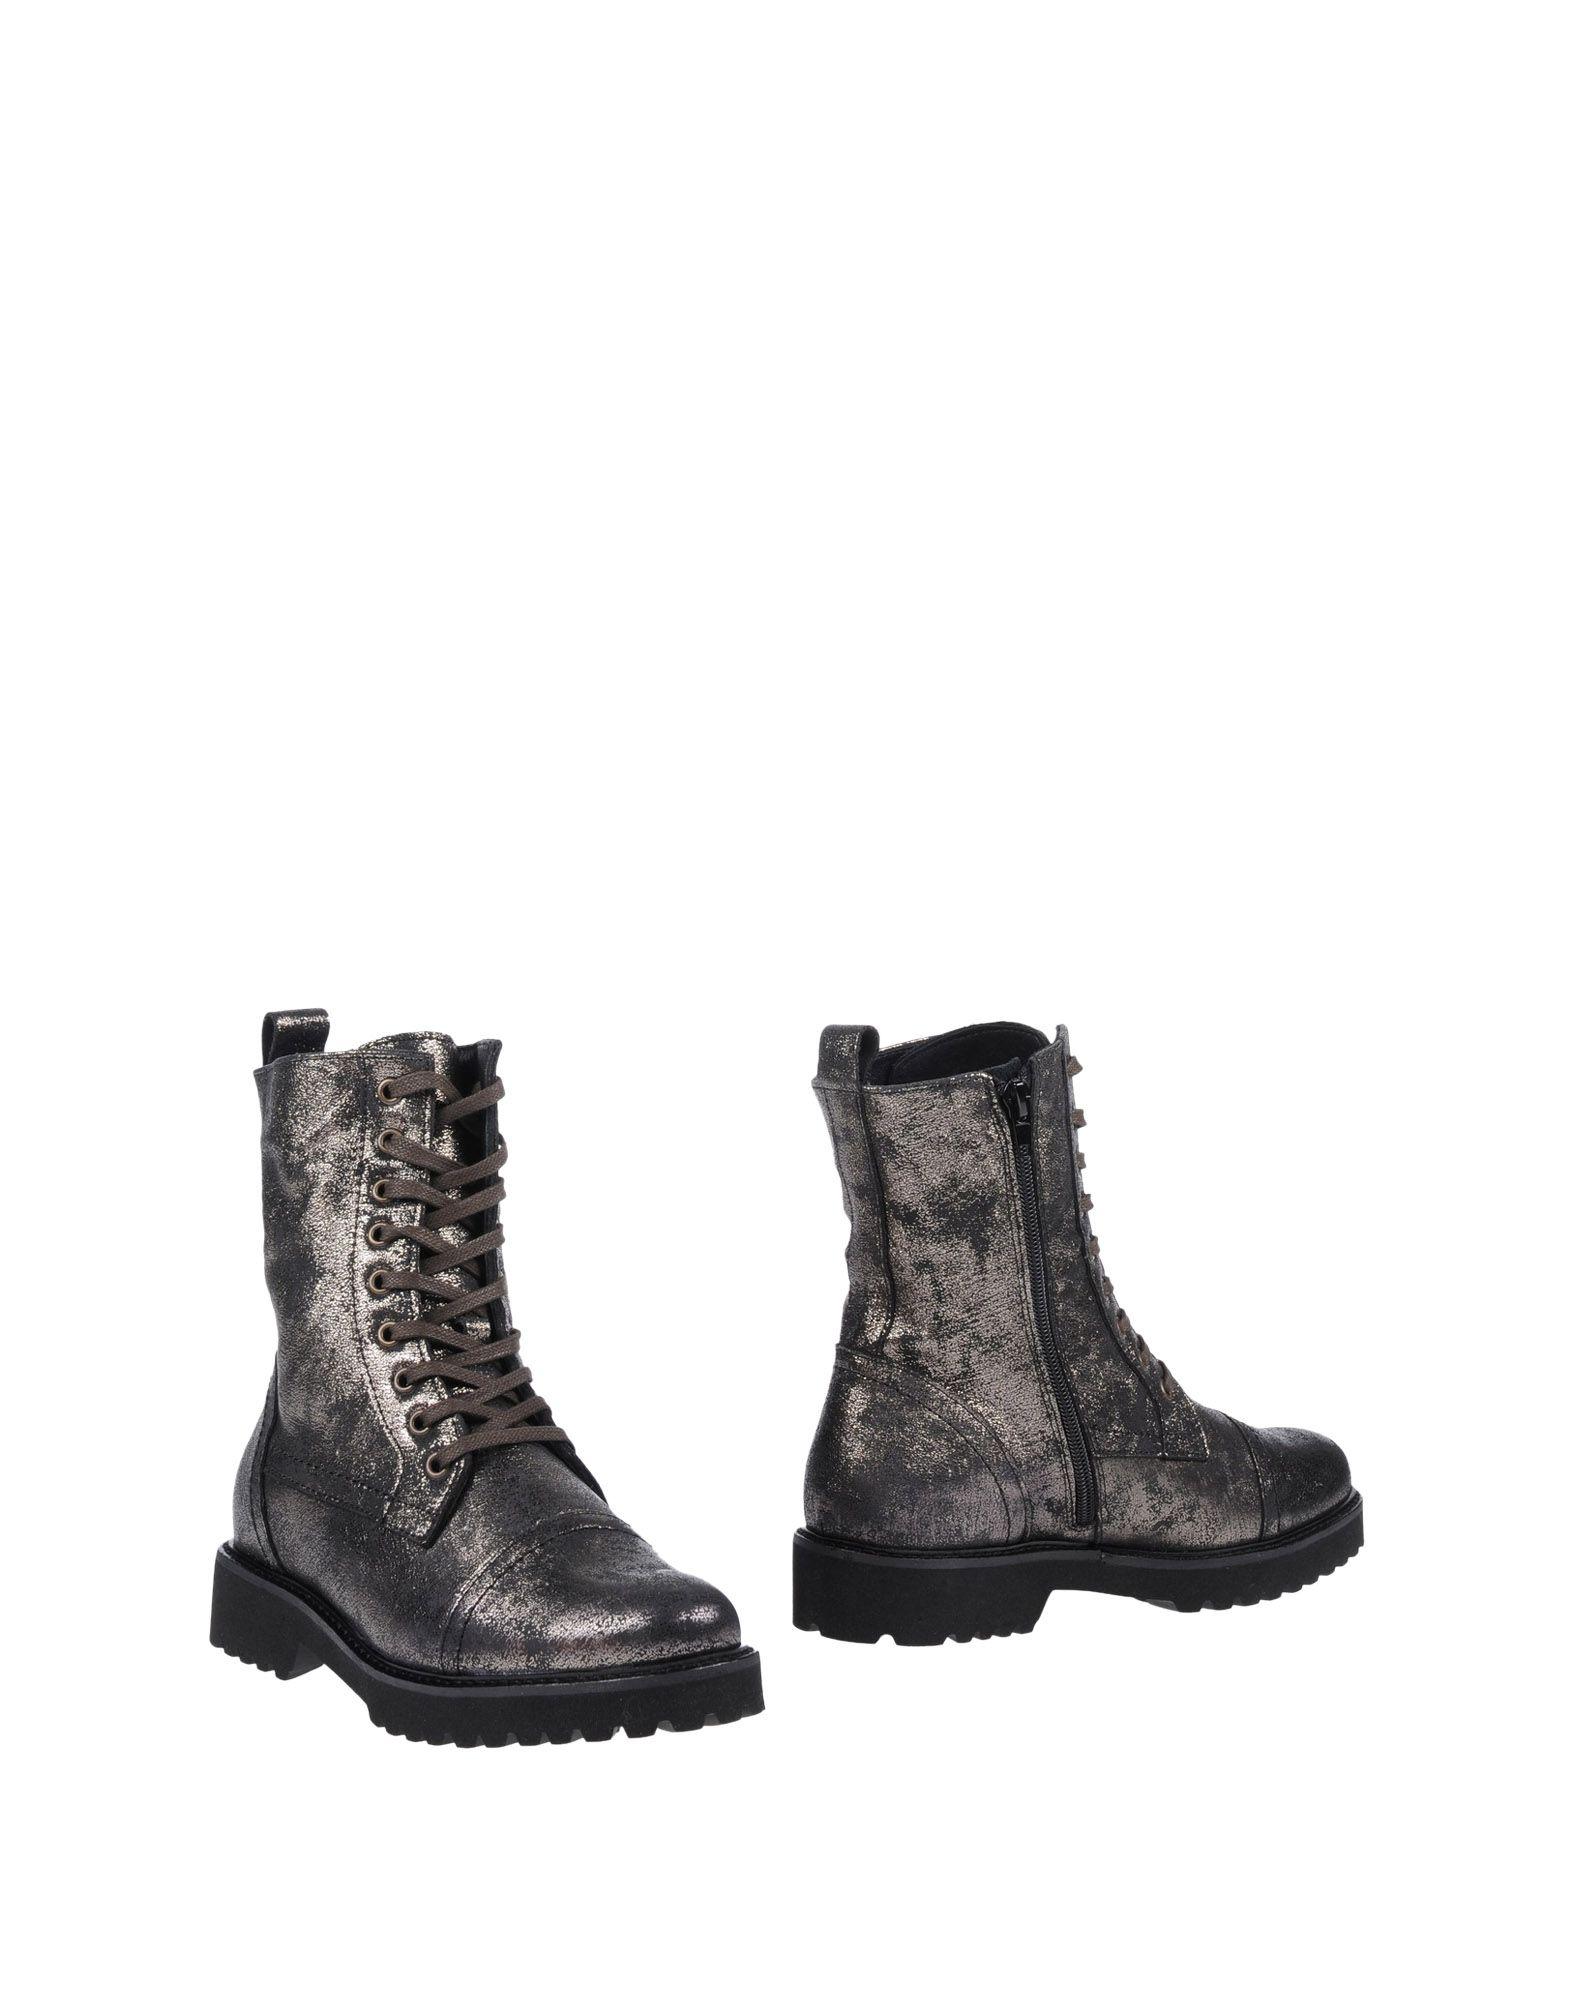 Bottine Le Gatte Femme - Bottines Le Gatte Noir Chaussures casual sauvages